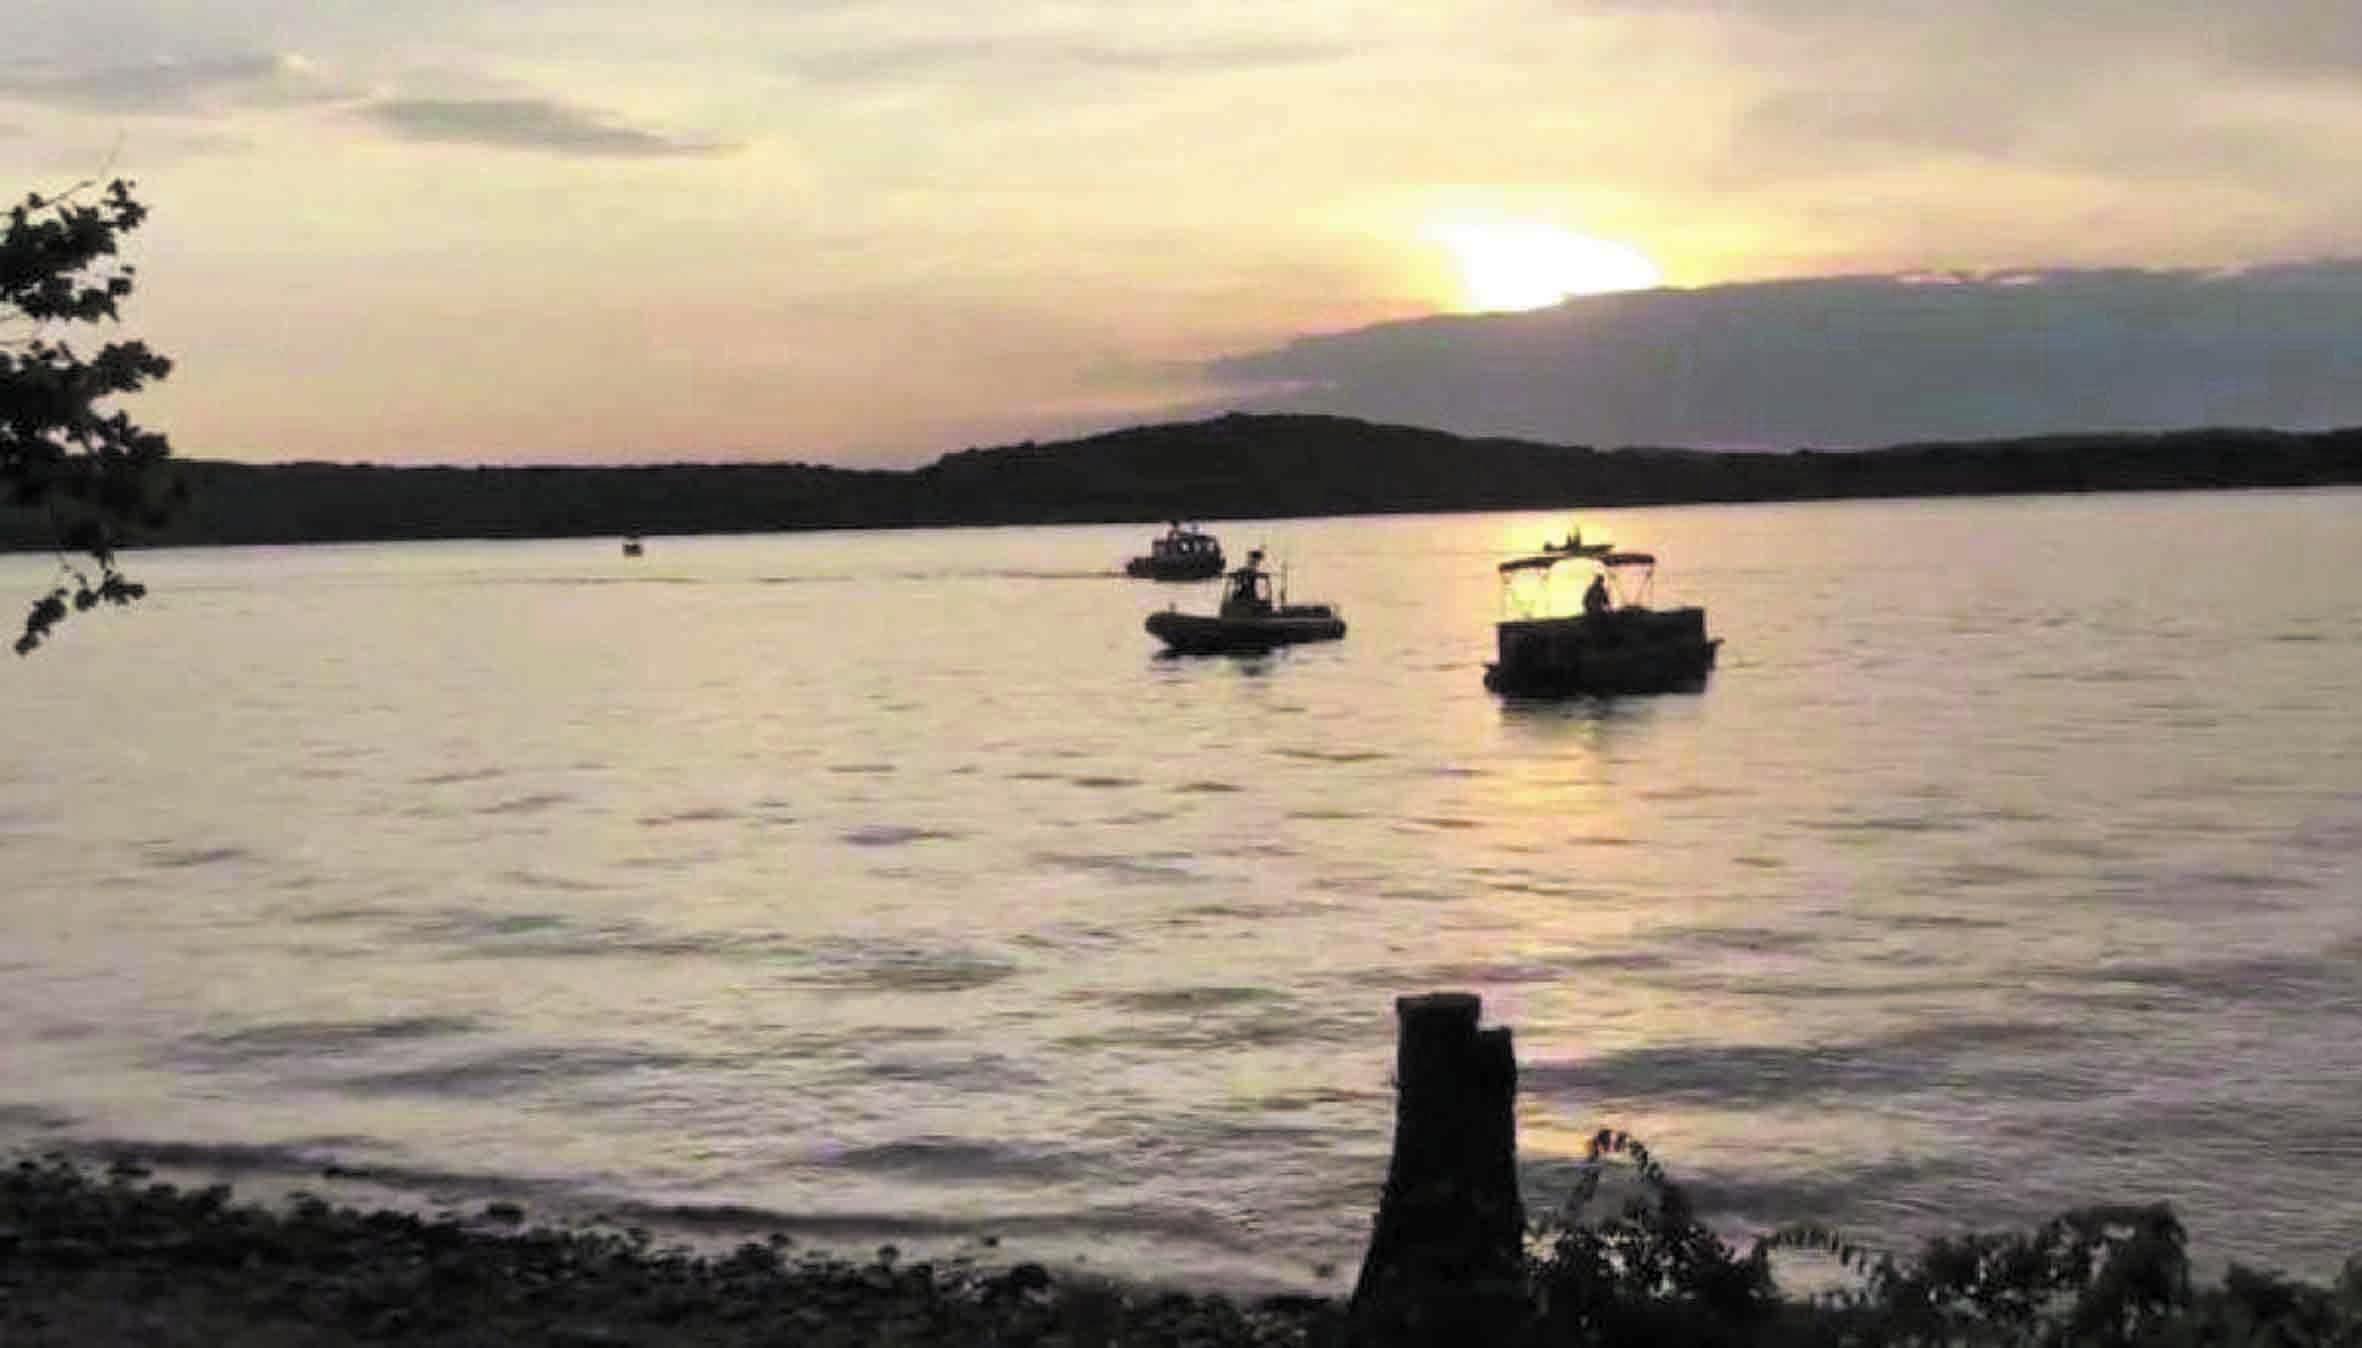 Un naufrage fait au moins 11 morts sur un lac du Missouri